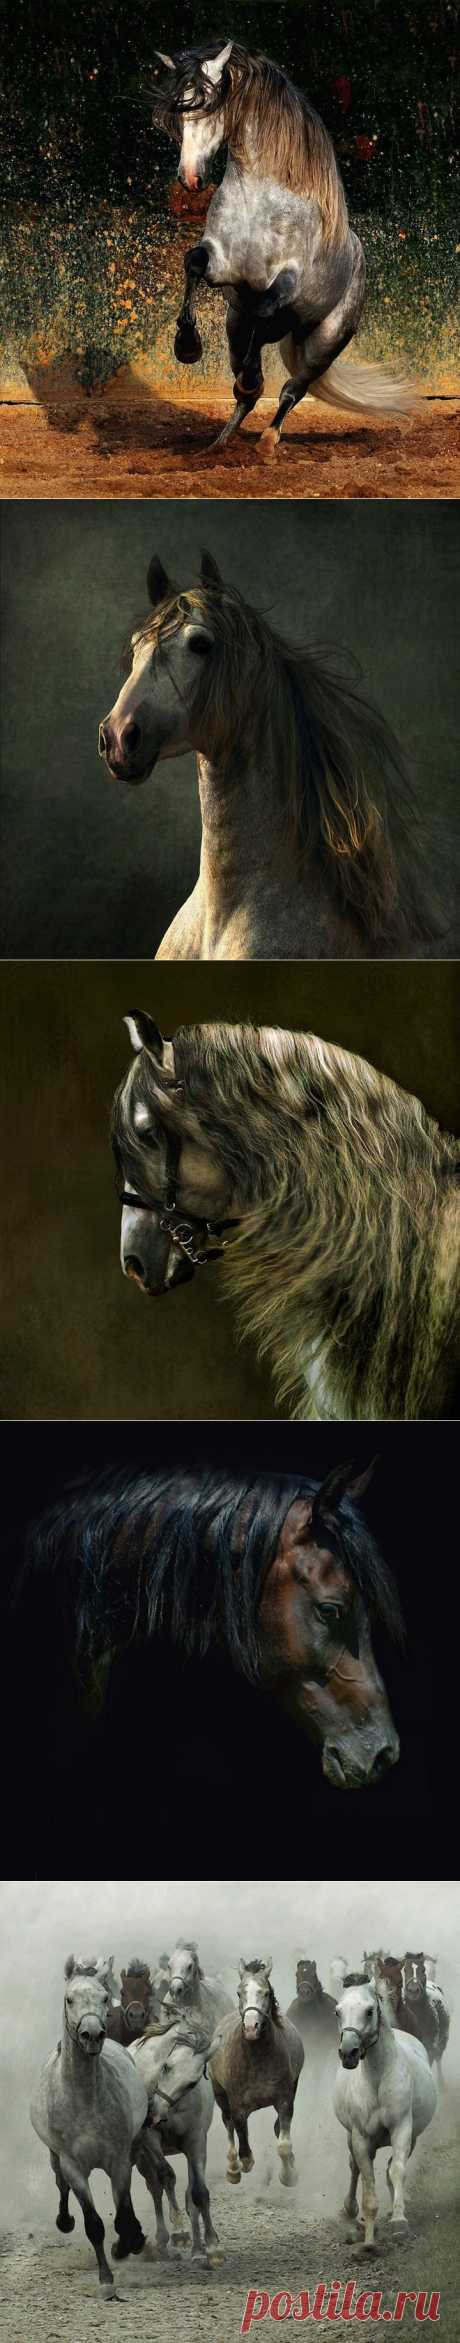 Арабские скакуны. Красивывые фото лошадей... (30 фото) | PulsON — все самые интересные события в мире.